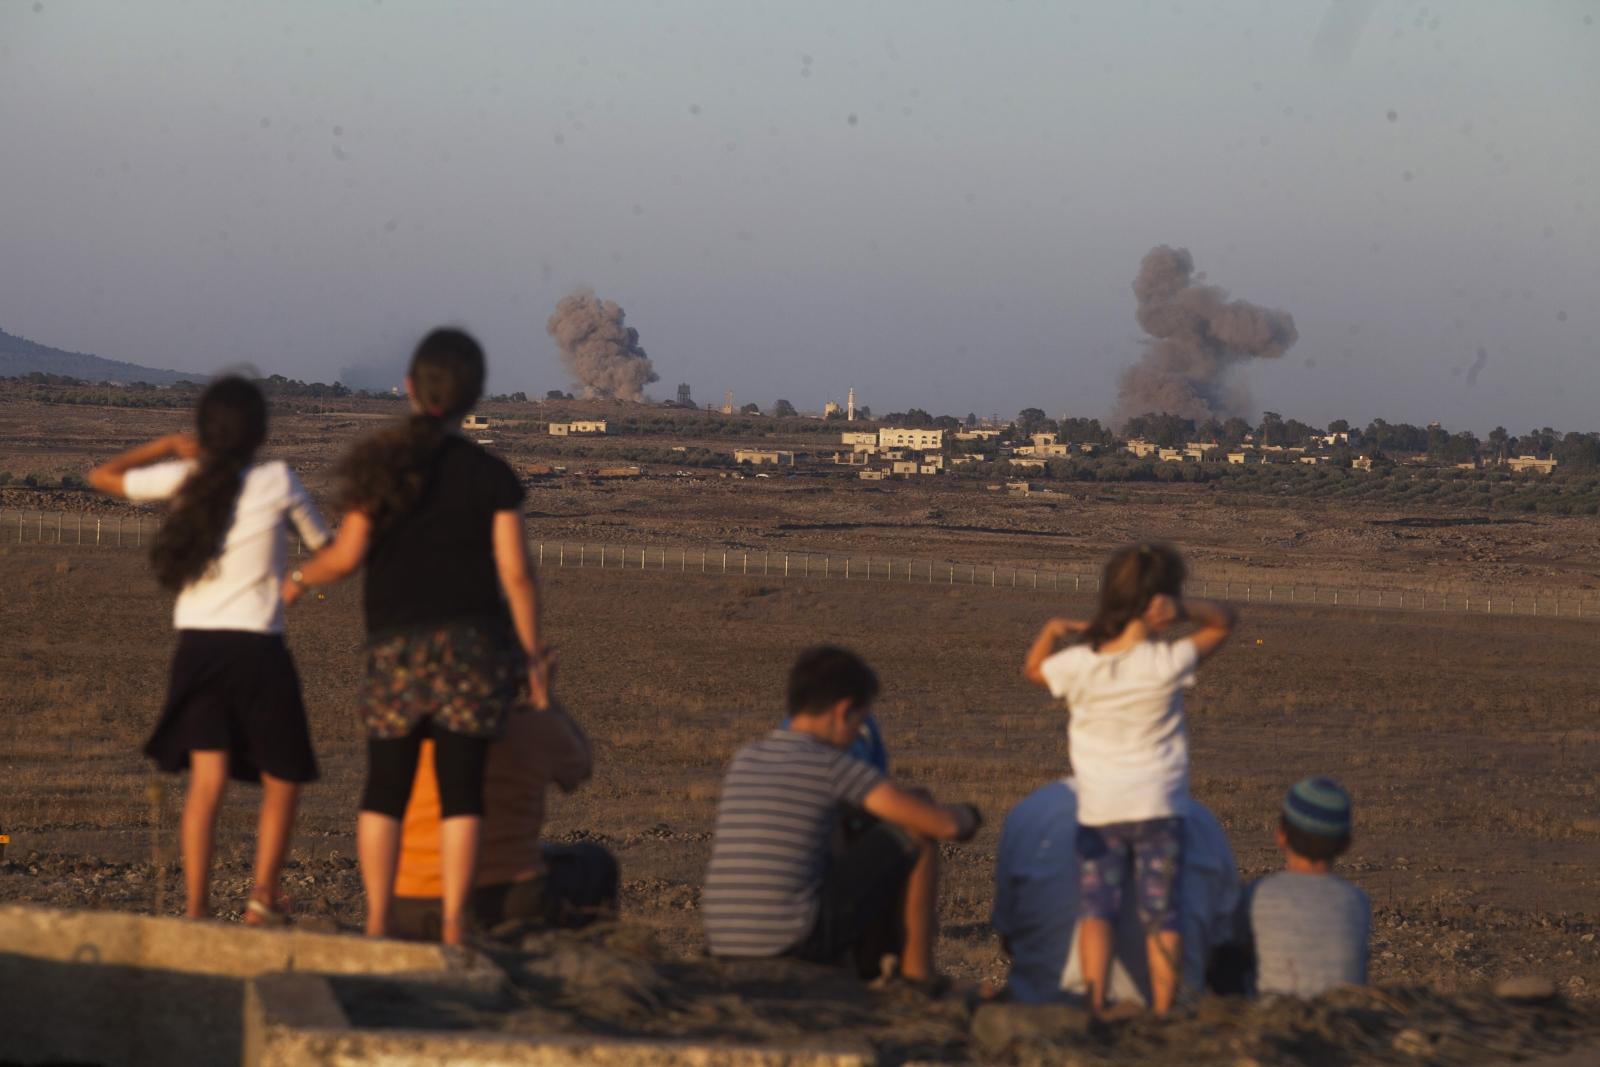 Сирия.Гражднската война, която започна преци цели 7 години и по нищо не изглежда, че скоро ще свърши. Бомбени атаки, химически оръжия - кошмарът там изглежда като ситуация, от която няма изход.